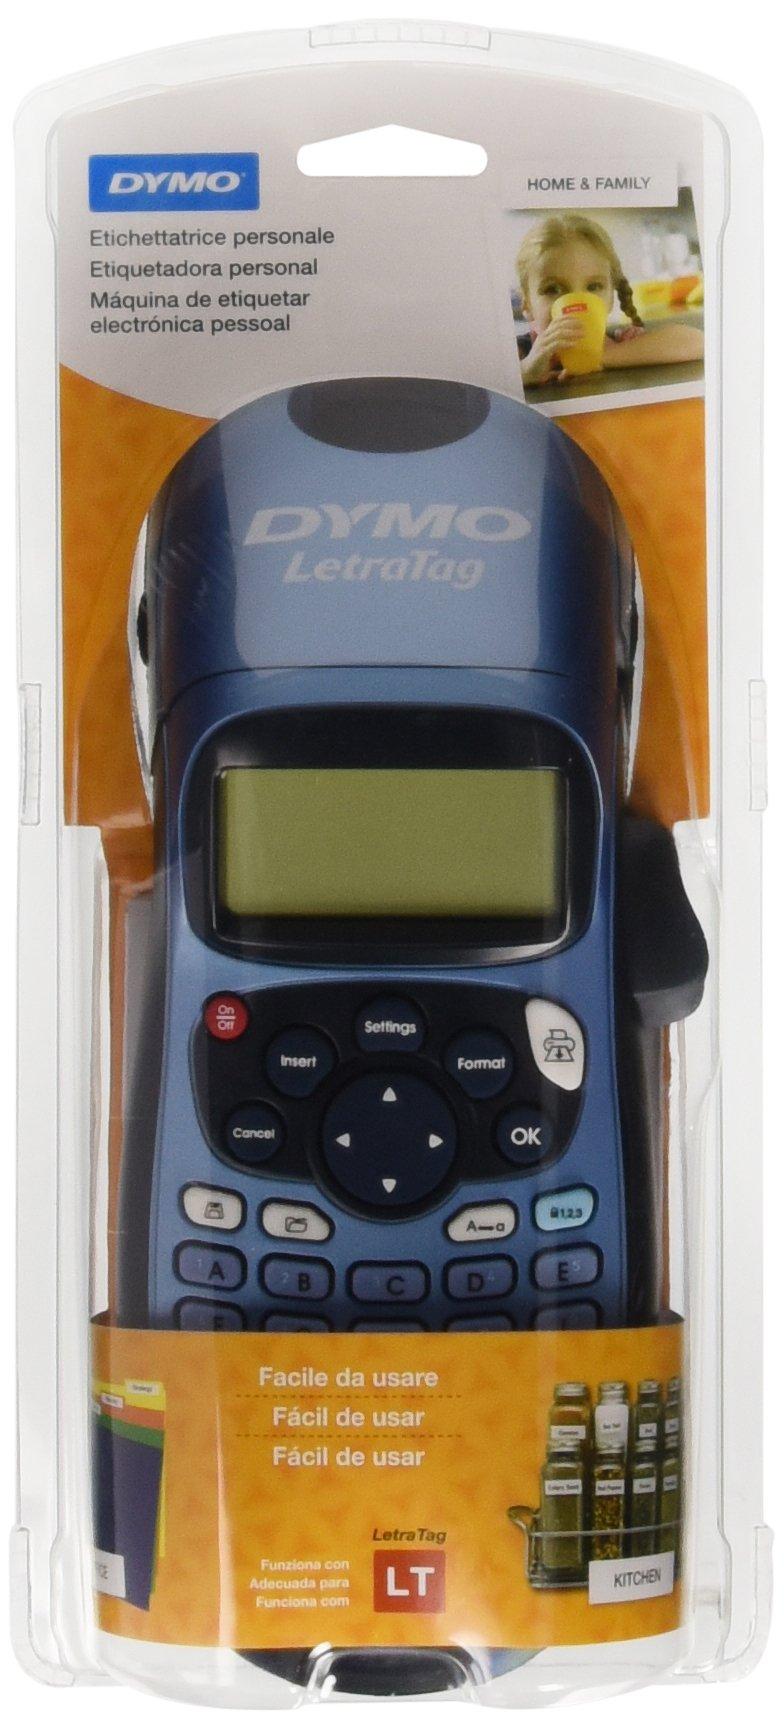 Dymo LetraTag LT-100H - Impresora de etiquetas, color azul (versión española) product image